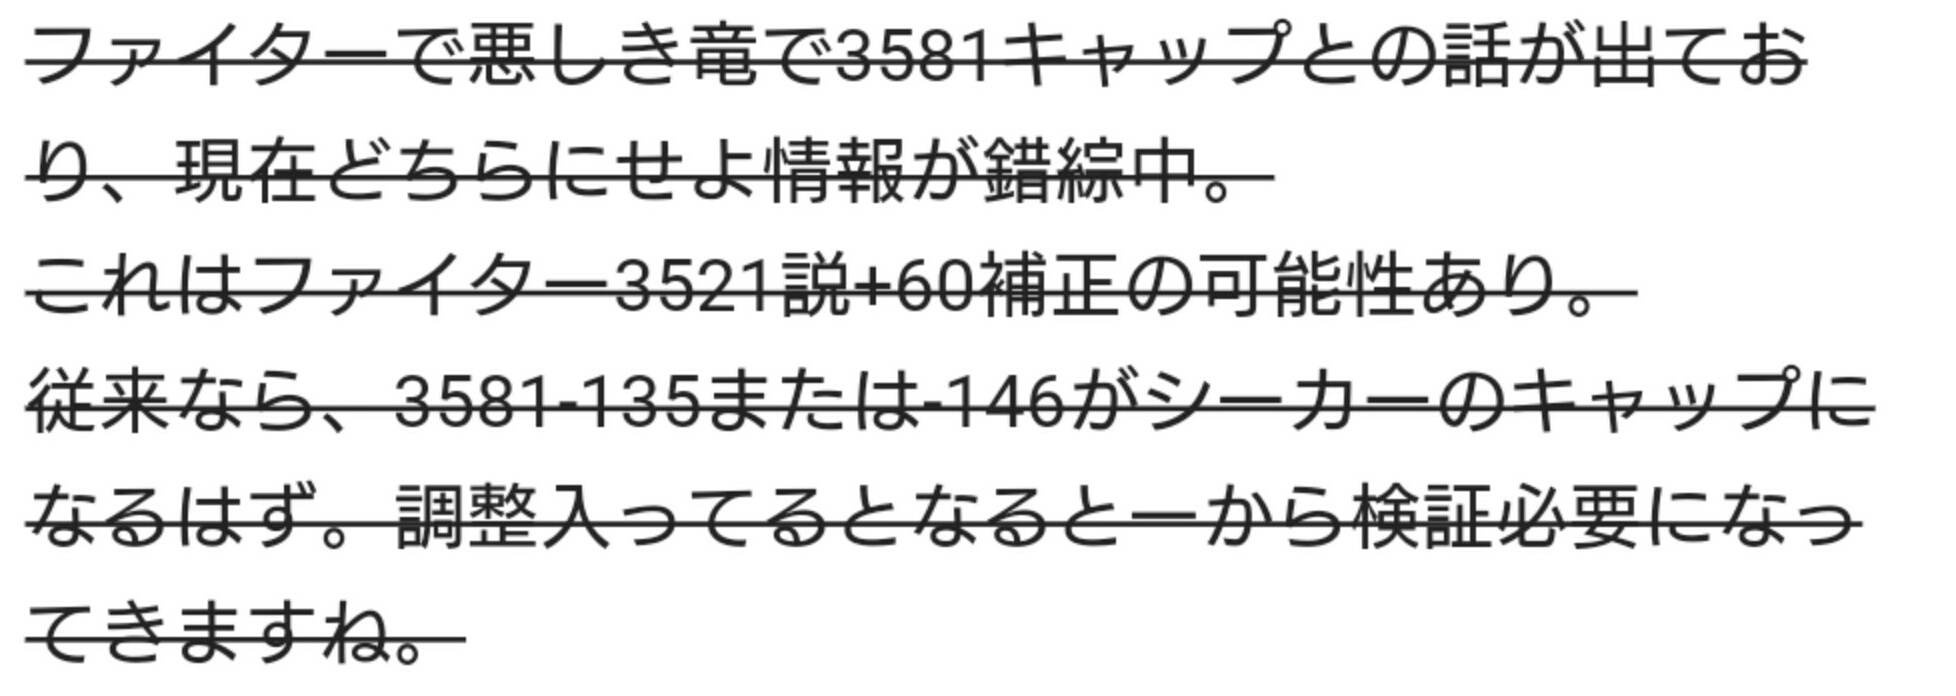 20181016095337551.jpg